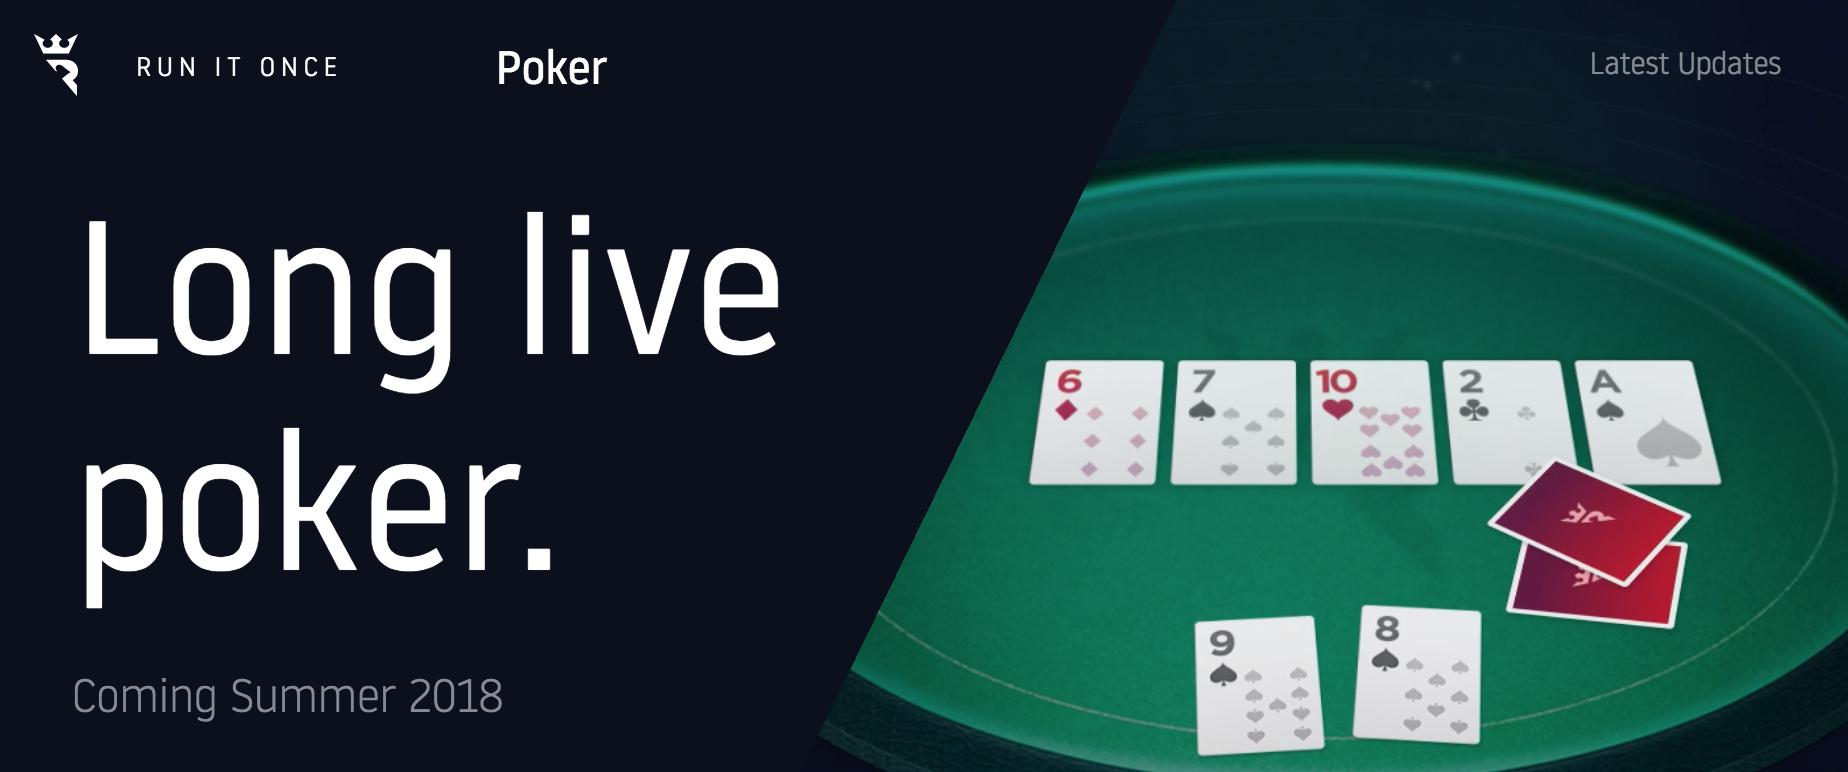 runitonce_Poker